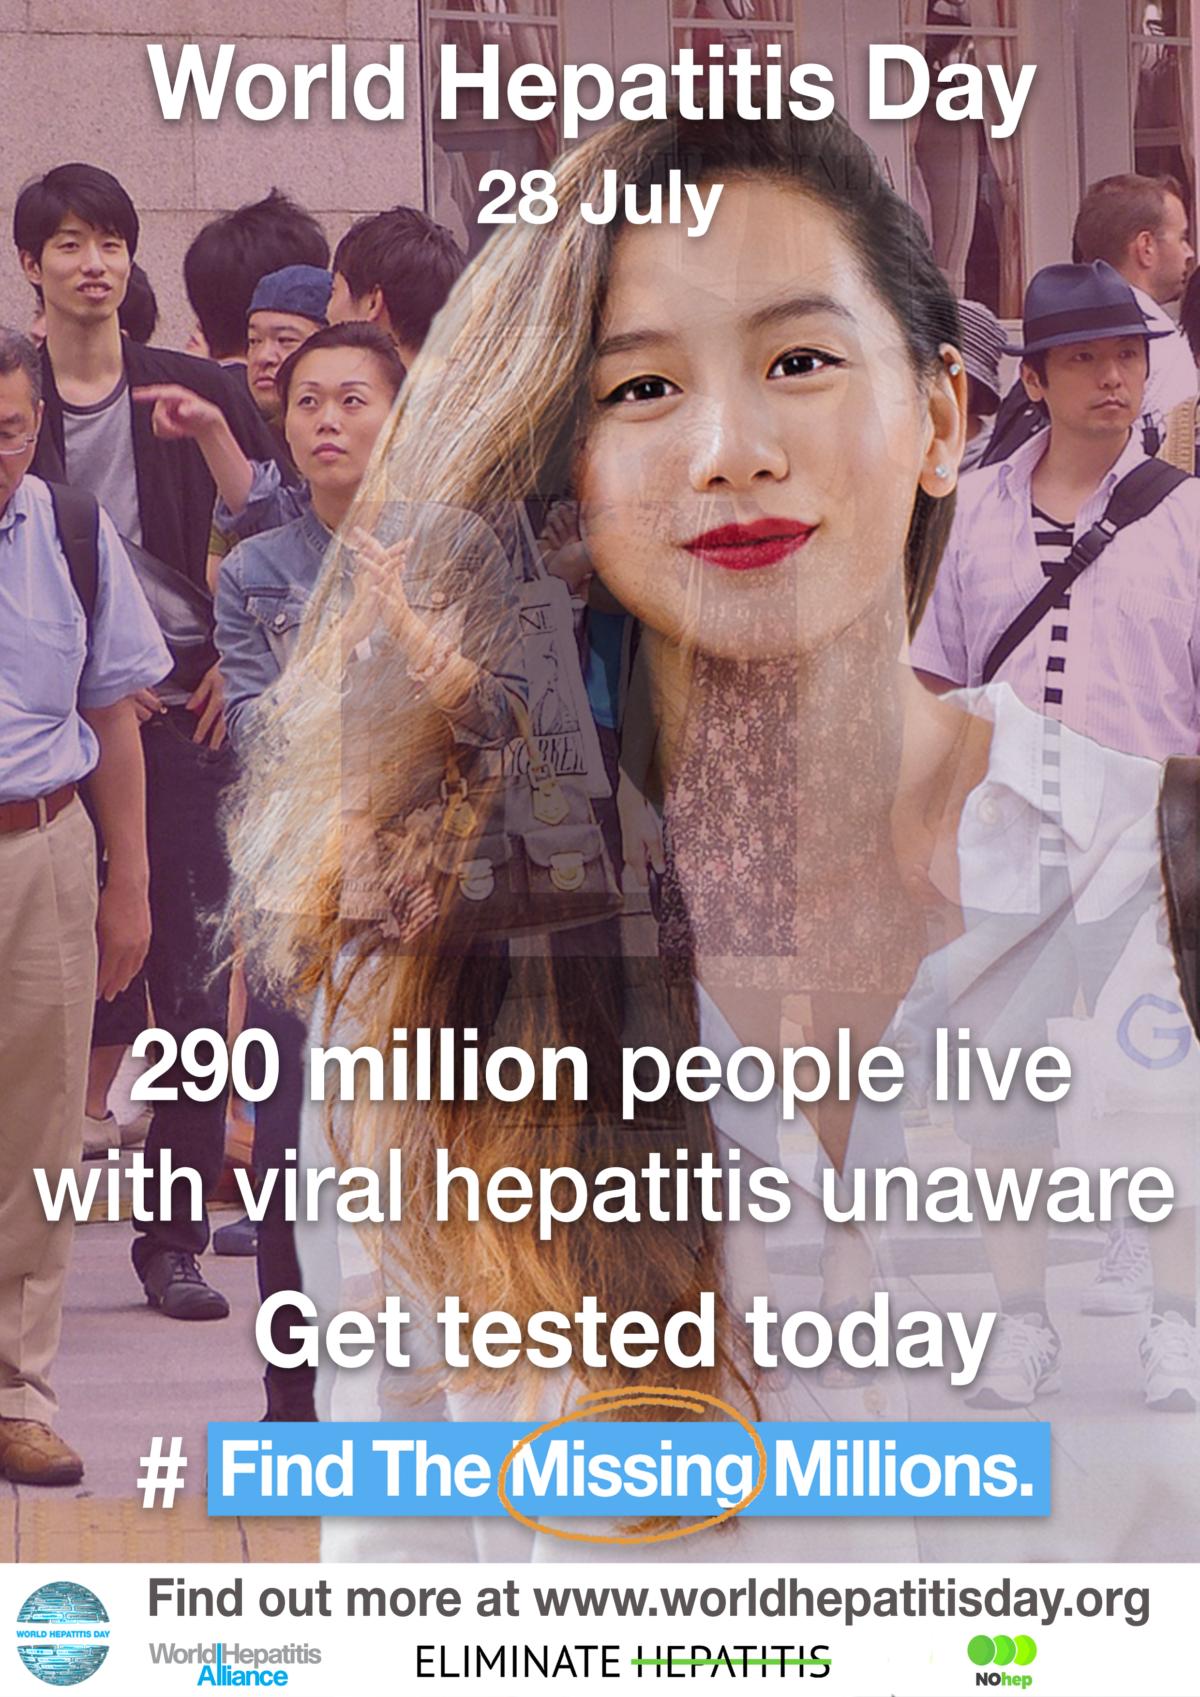 HEPATITIS-002-1200x1697.png